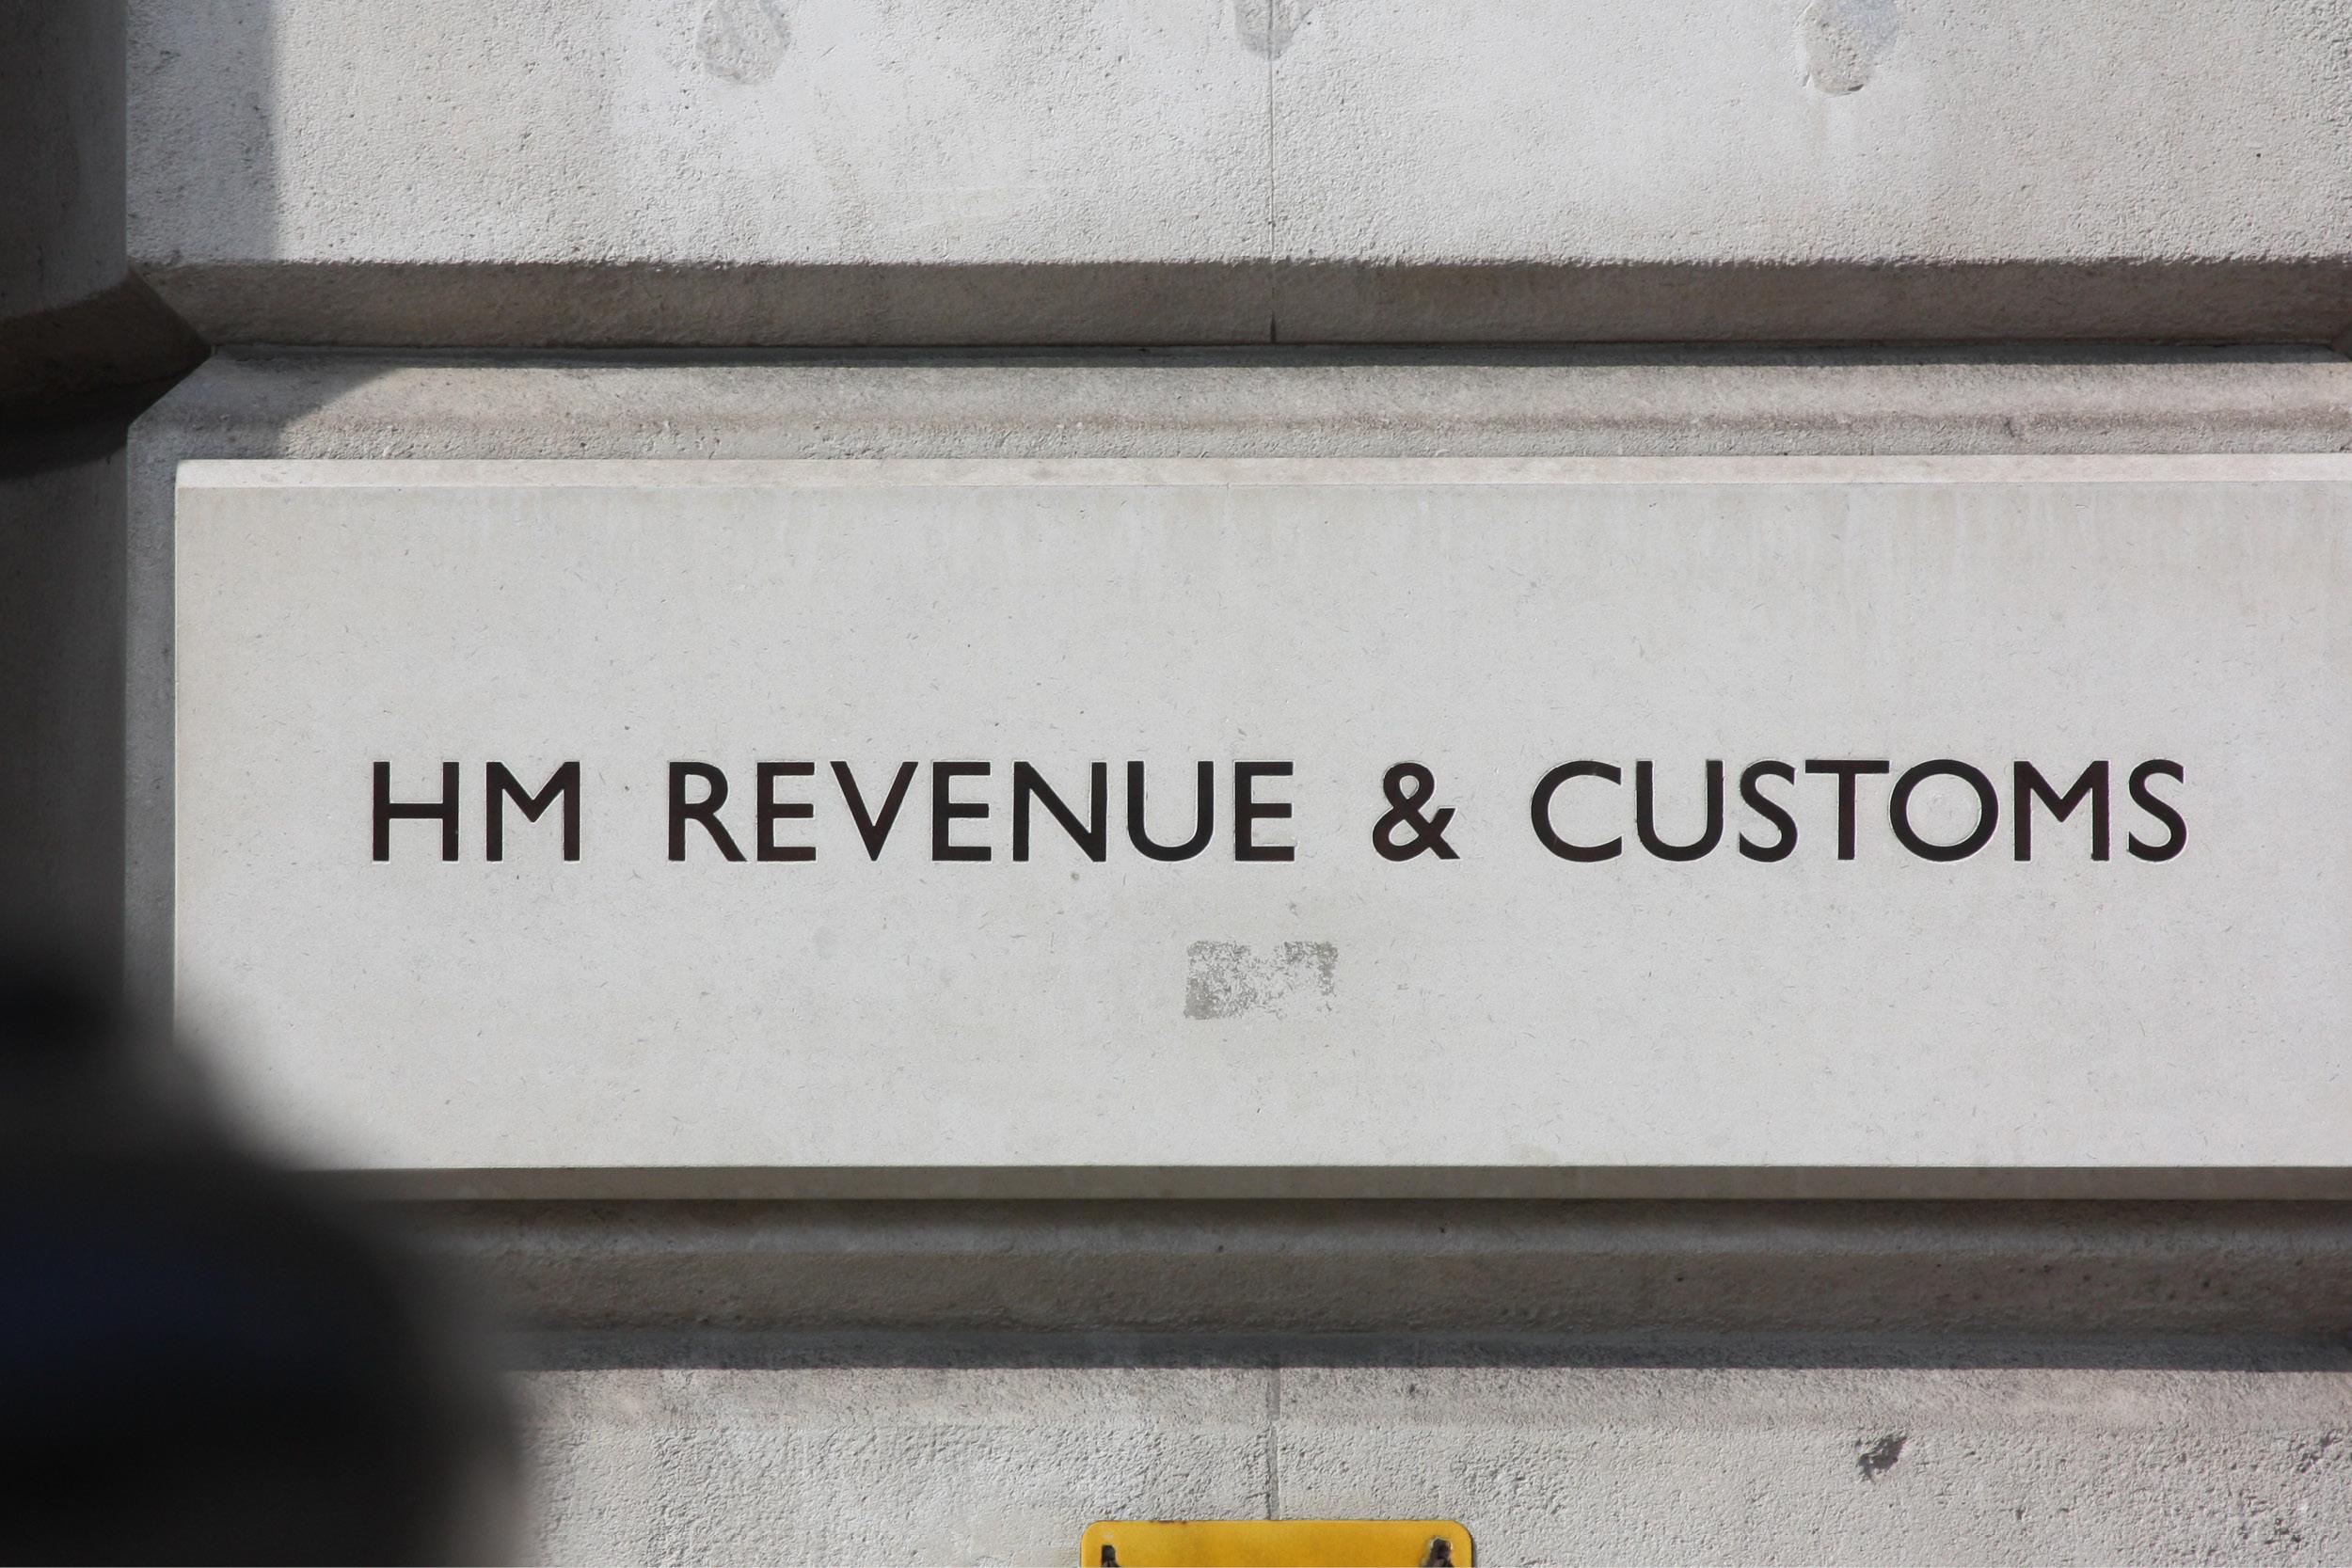 Autoridad fiscal del Reino Unido solicita a los intercambios criptográficos información sobre sus clientes en la búsqueda de evasores de impuestos